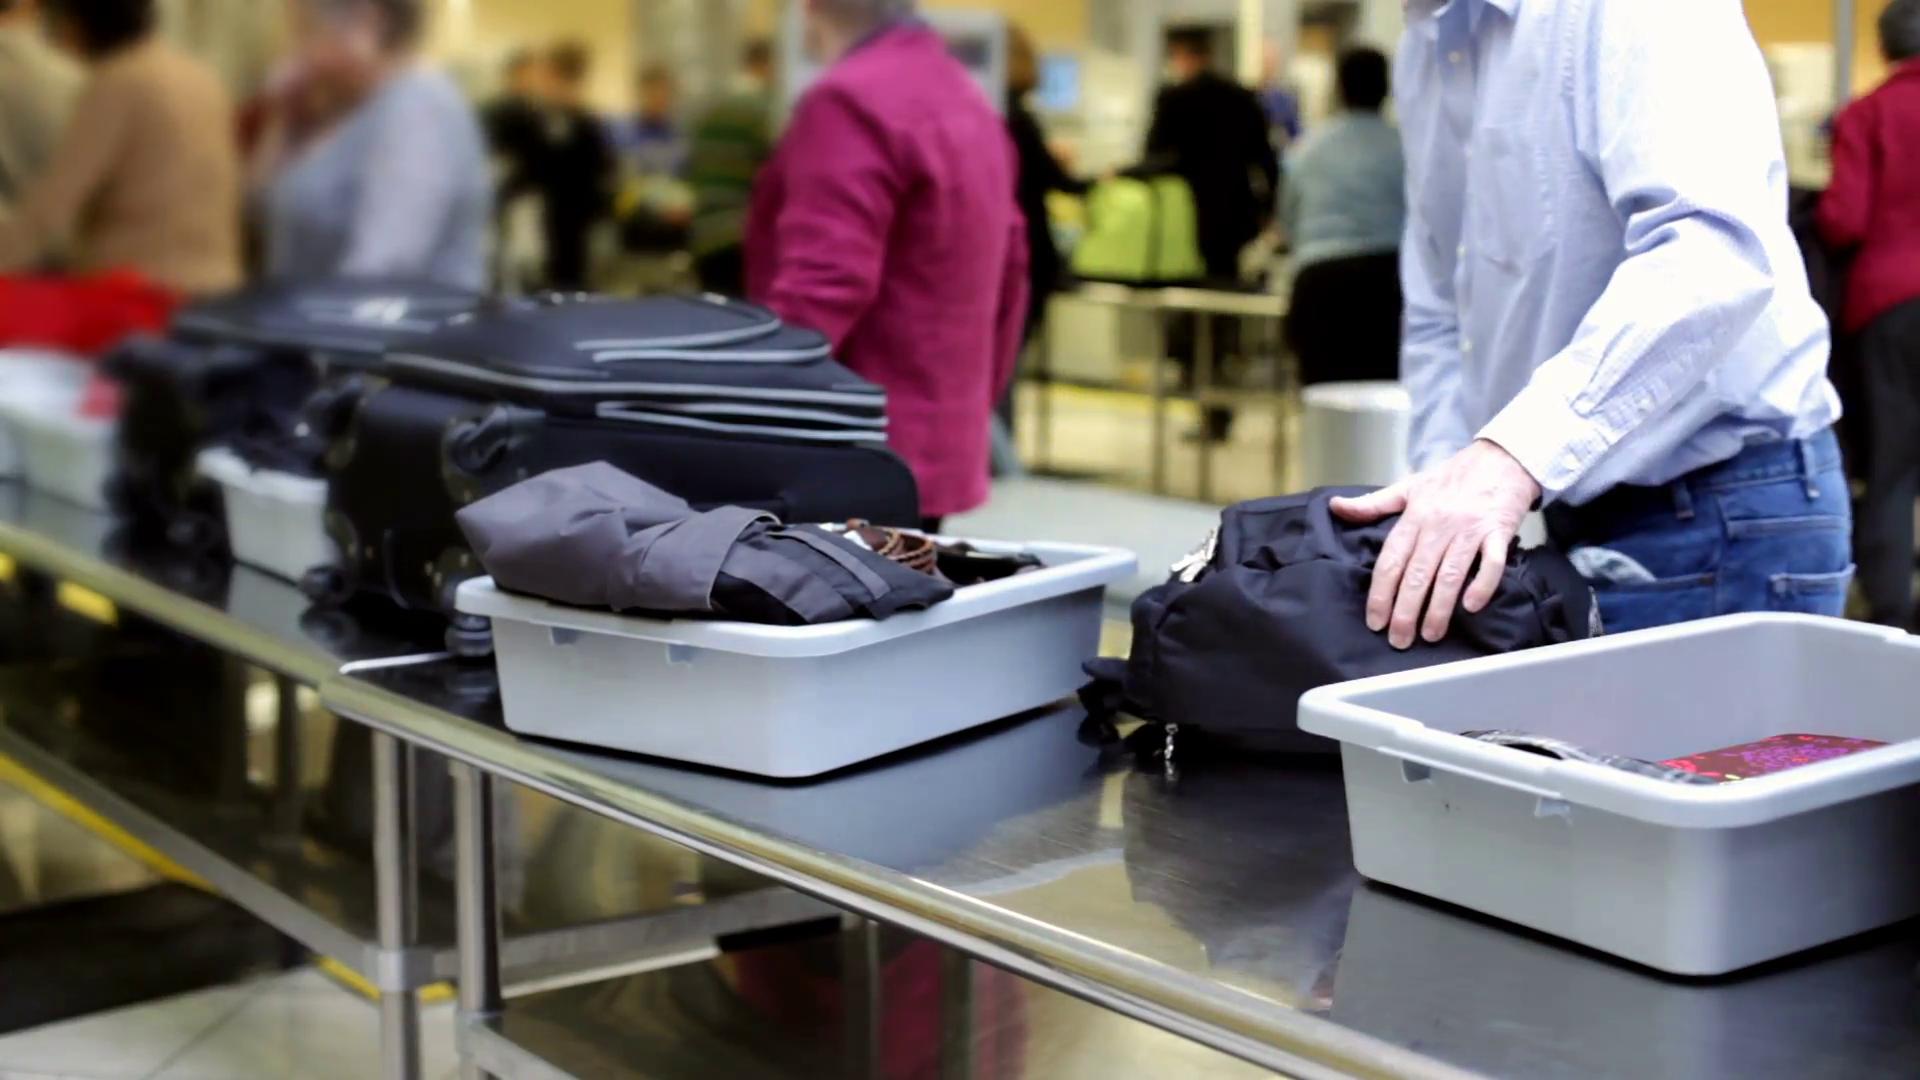 Cambian los controles de seguridad de aeropuertos por el coronavirus